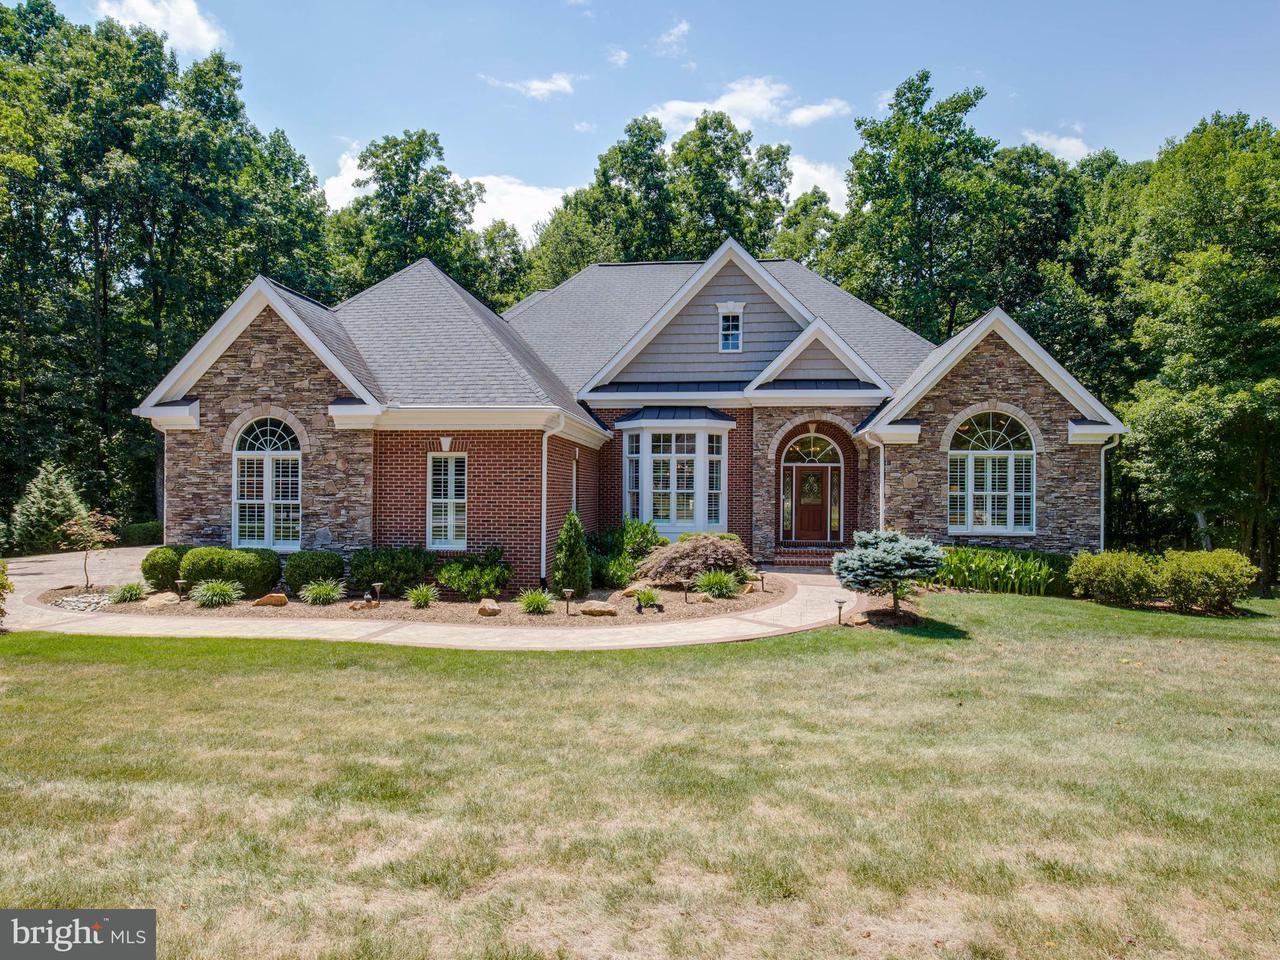 단독 가정 주택 용 매매 에 15198 RILLHURST DRIVE 15198 RILLHURST DRIVE Culpeper, 버지니아 22701 미국